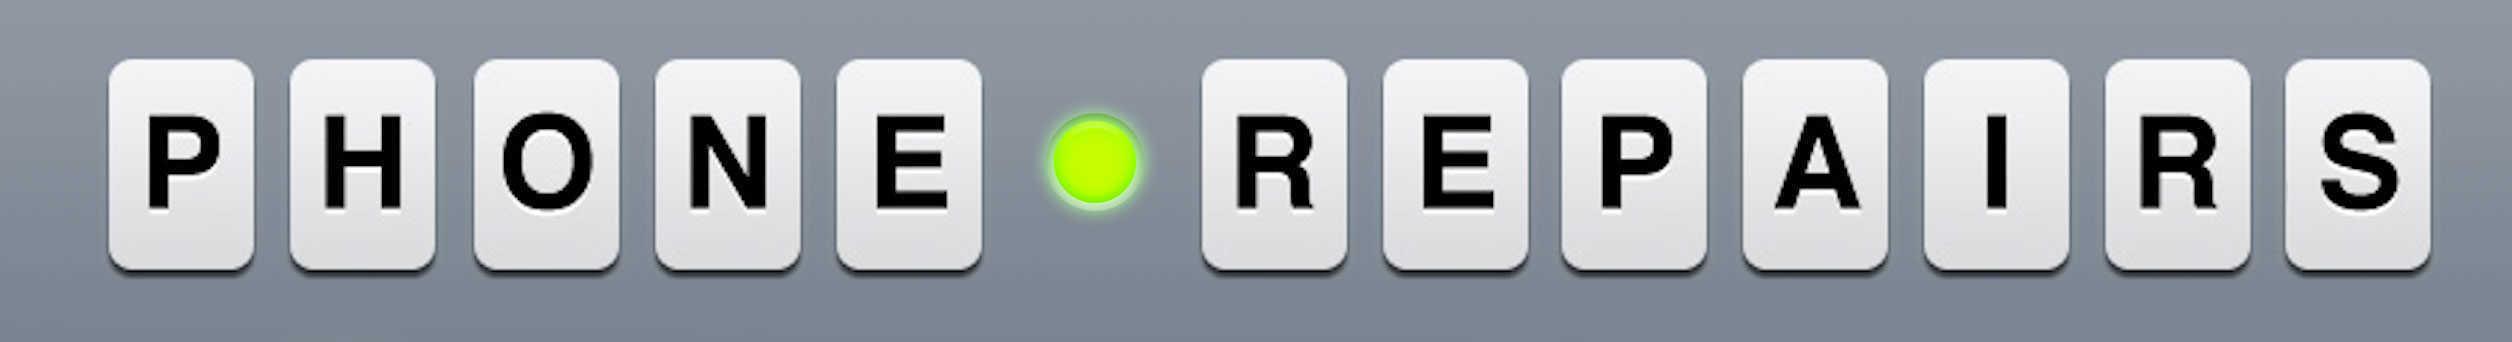 iPhone reparatie Den Bosch, Telefoon reparatie Den Bosch, Phone Repairs Den Bosch, SmartPhone reparatie Den Bosch, de goedkoopste uit de regio, iPhone reparatie Den Bosch,Samsung reparatie Den Bosch, OnePlus reparatie Den Bosch,Honor reparatie Den Bosch, Nexus reparatie,LG reparatie Den Bosch,Nokia reparatie Den Bosch, Huawei reparatie Den Bosch, Sony Xperia reparatie Den Bosch,Lenovo reparatie,Xiaomi reparatie,Moto reparatie,Wiko reparatie,Microsoft reparatie,Meizu reparatie,Umi reparatie, Elephone reparatie, Oppo reparatie